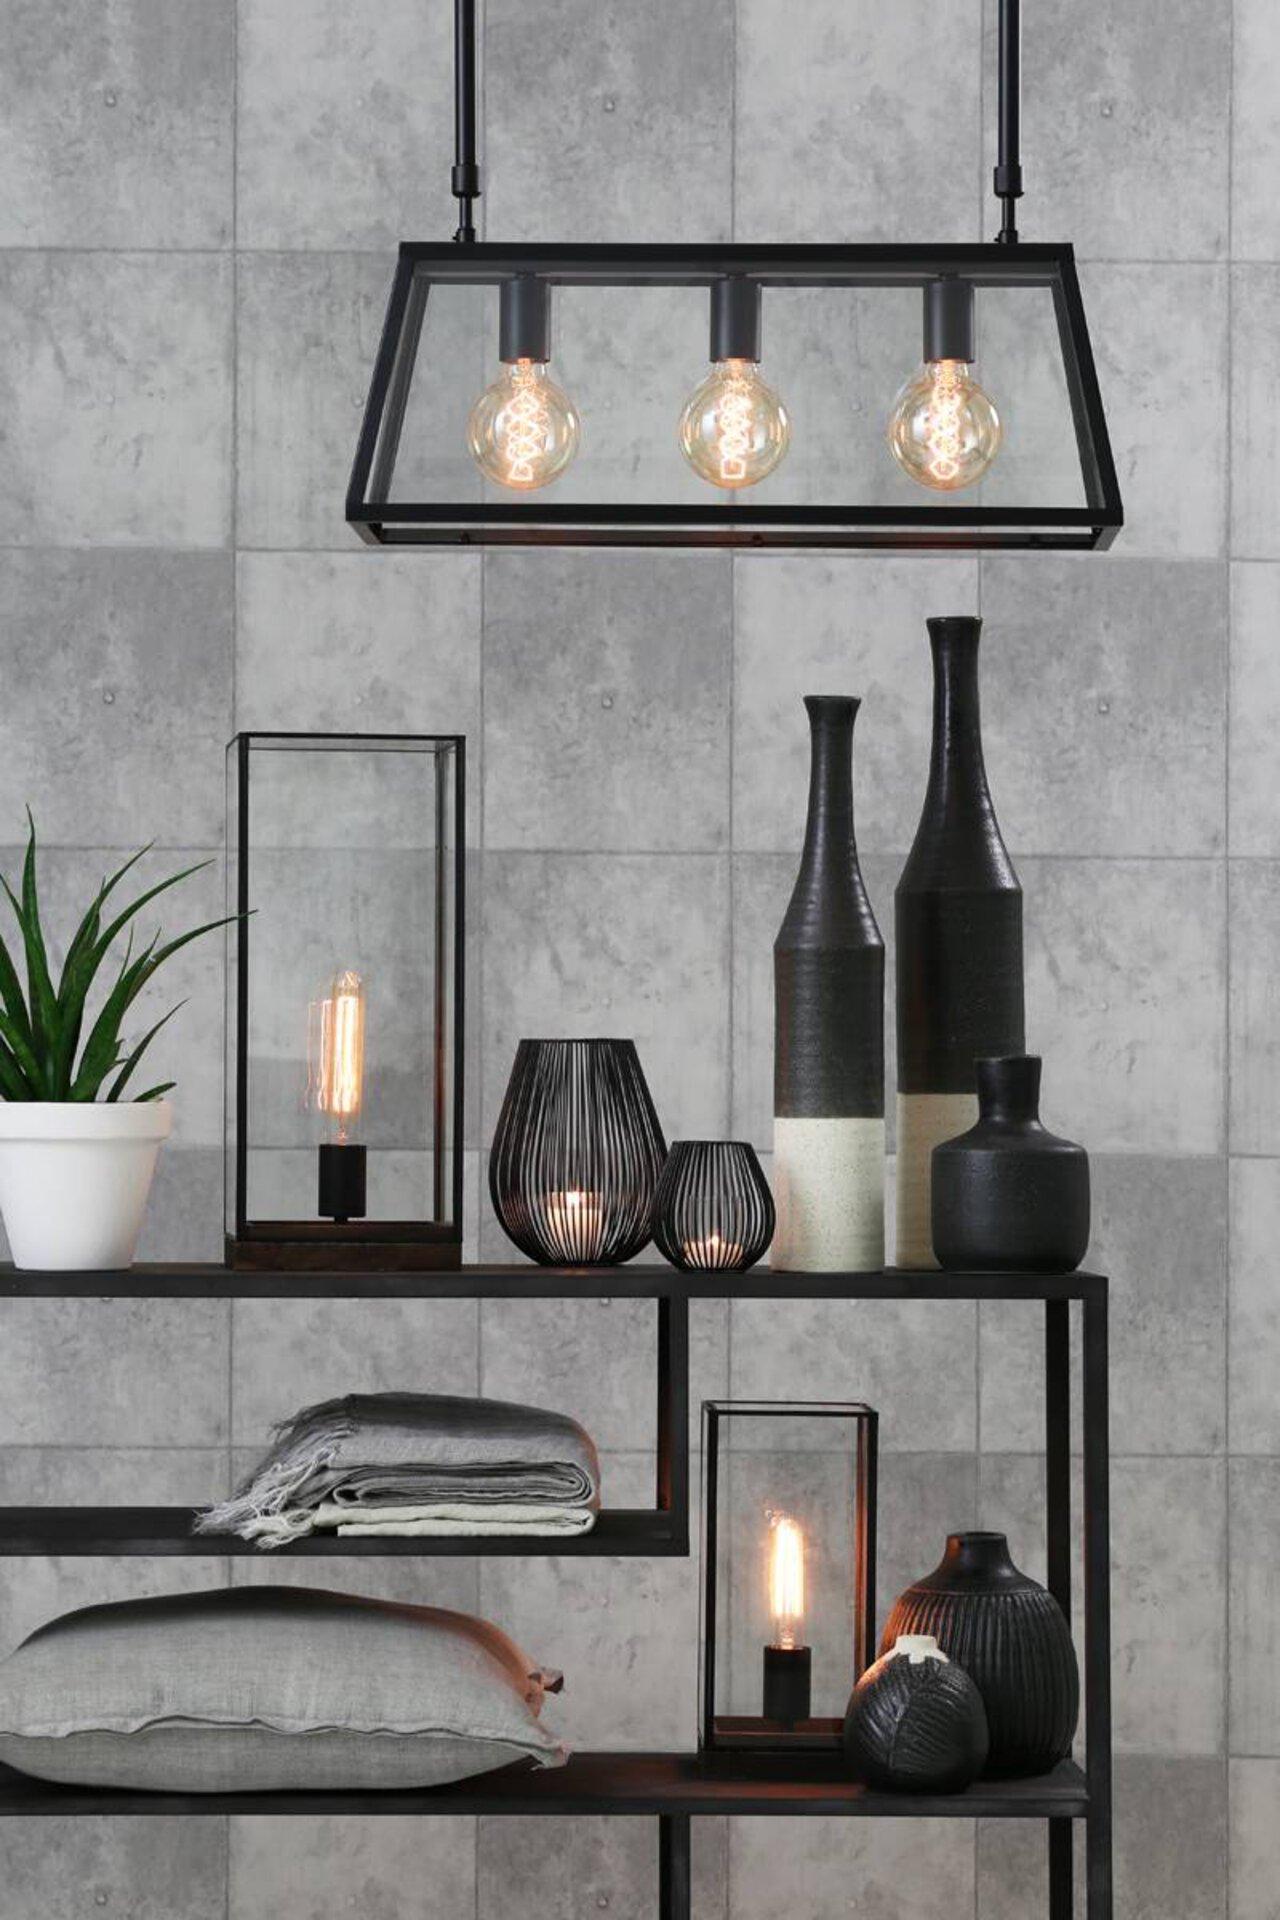 Tischleuchte ASKJER Light & Living Metall schwarz 15 x 30 x 15 cm